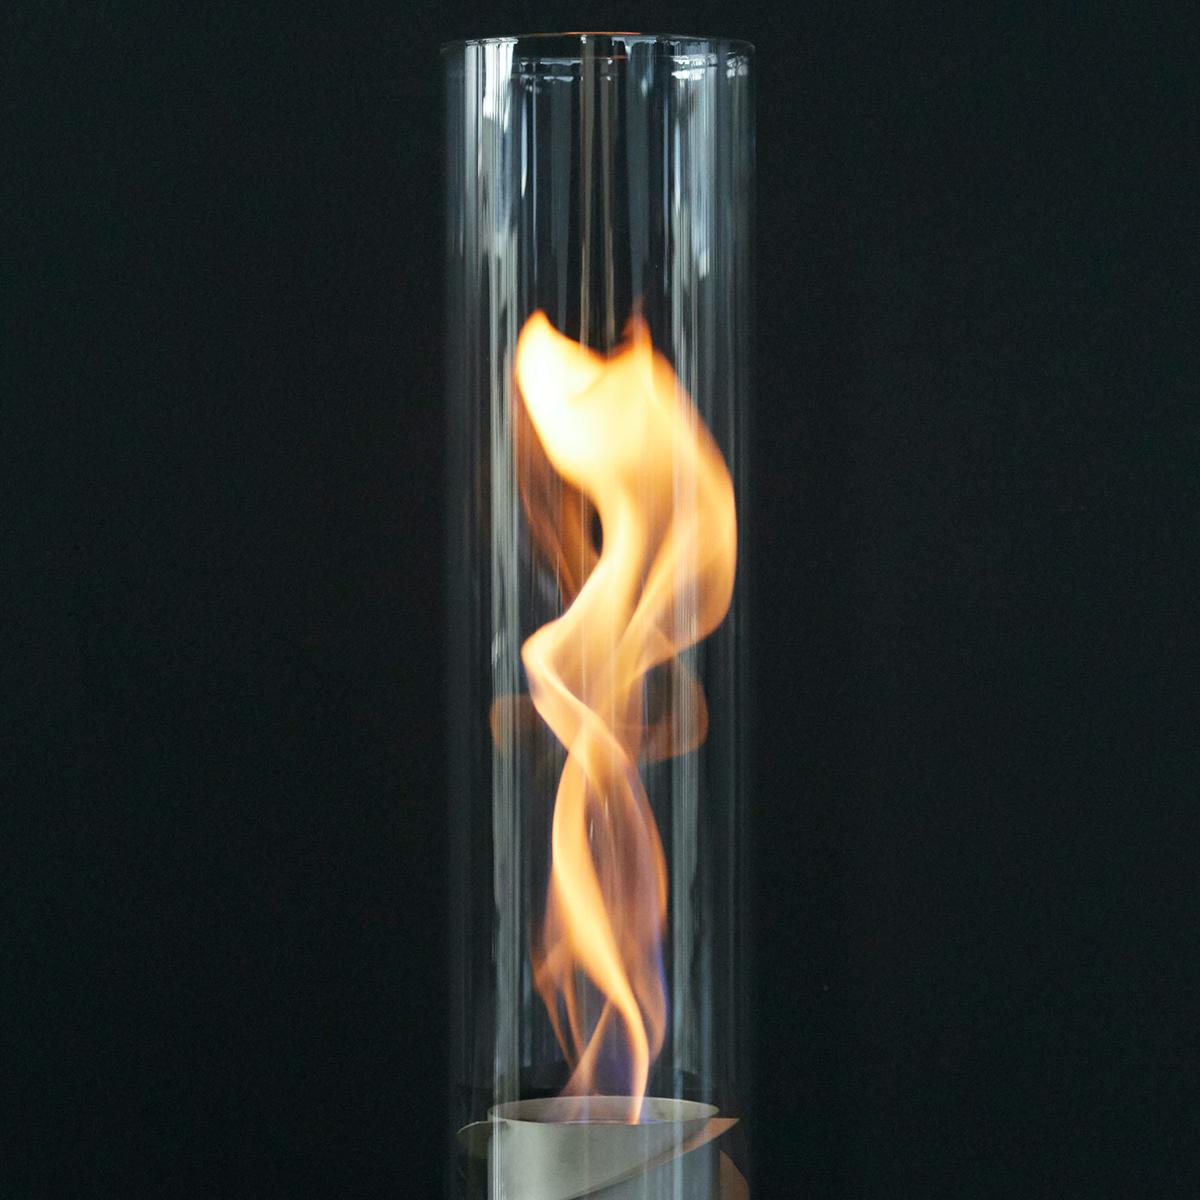 煙突効果で炎が廻りながら上昇!煙が出にくい安全燃料の「テーブルランタン&ガーデントーチ」|Hofats SPIN(ホーファッツ スピン)